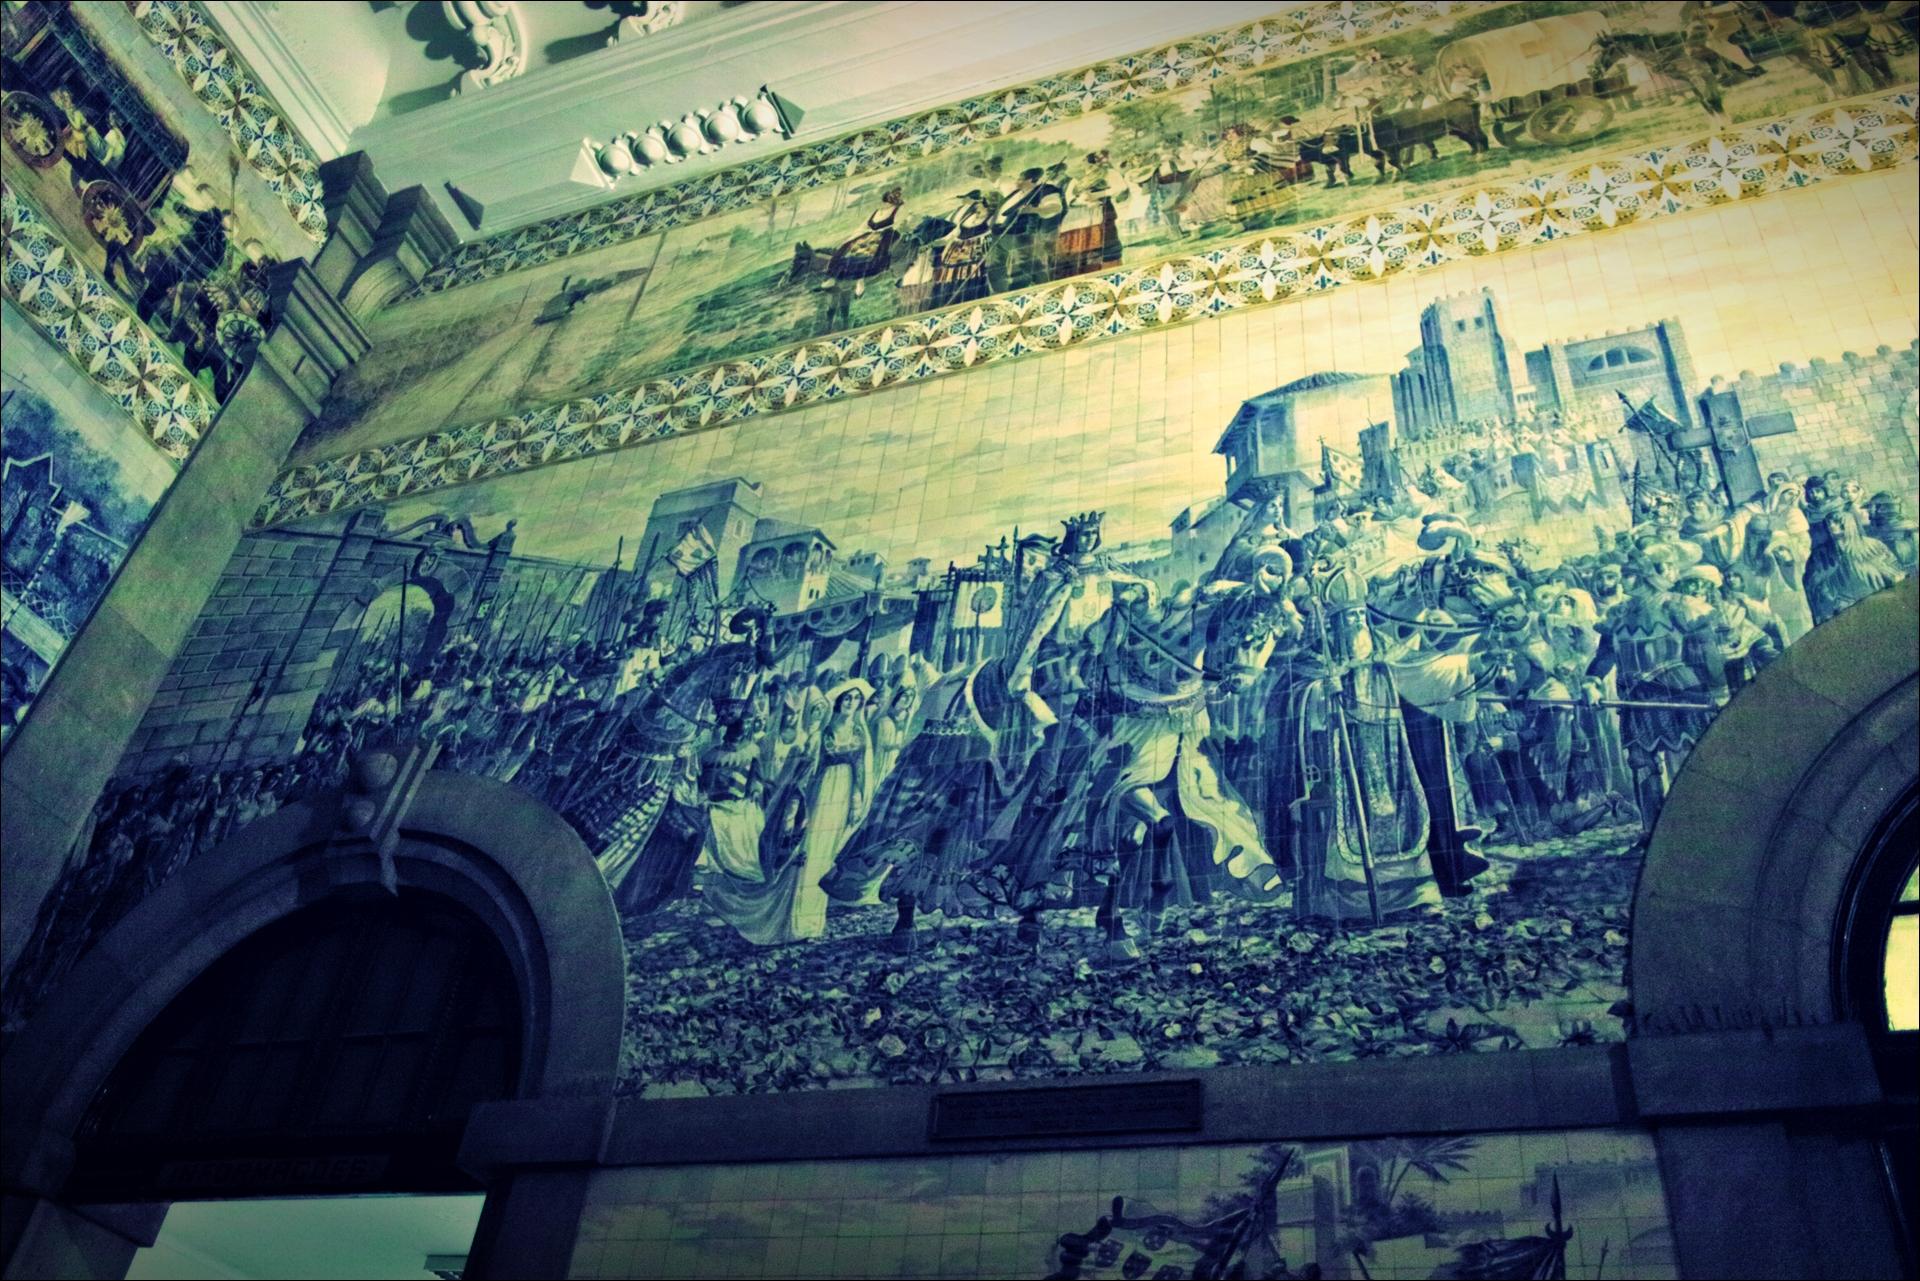 상벤투 Sao Bento 기차역-'포르투 둘러보기 porto sightseeing'